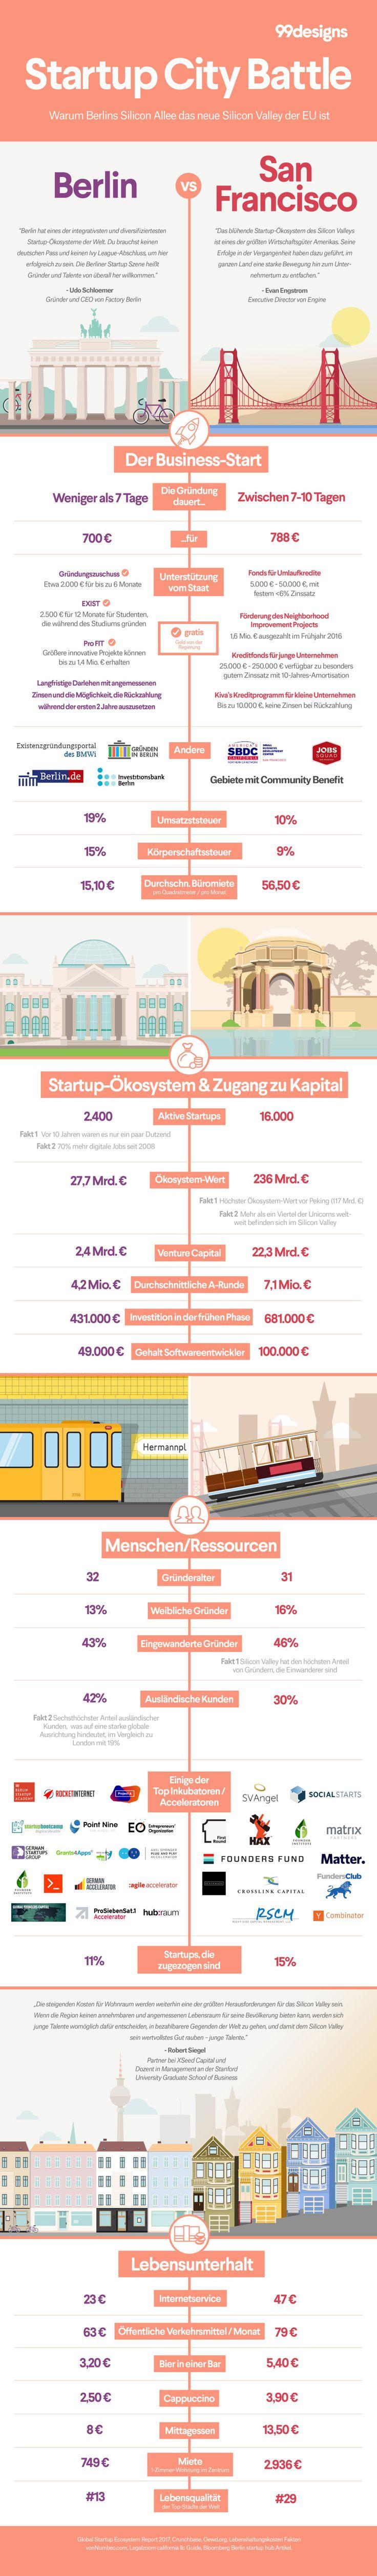 29 best Infographics images on Pinterest | Soziale medien, Haarnetz ...